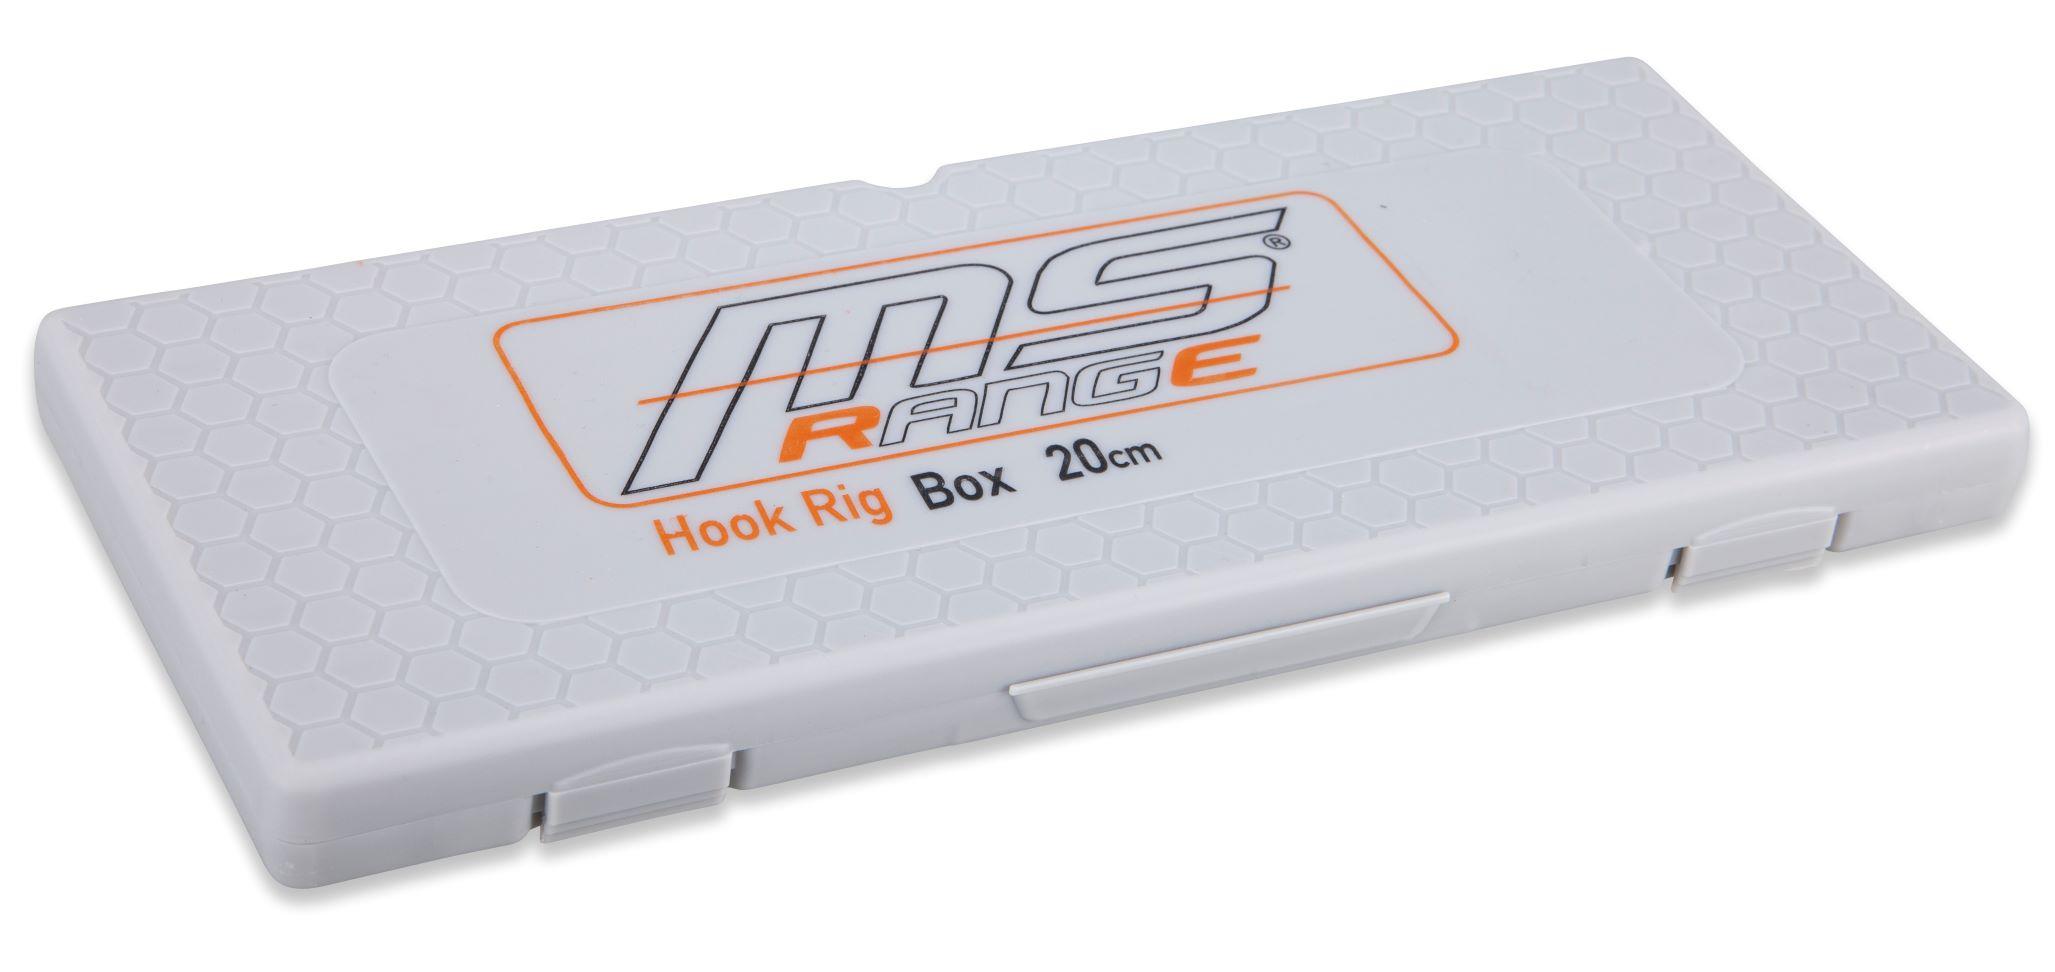 MS Range pouzdro na návazce Hook rig box, střední